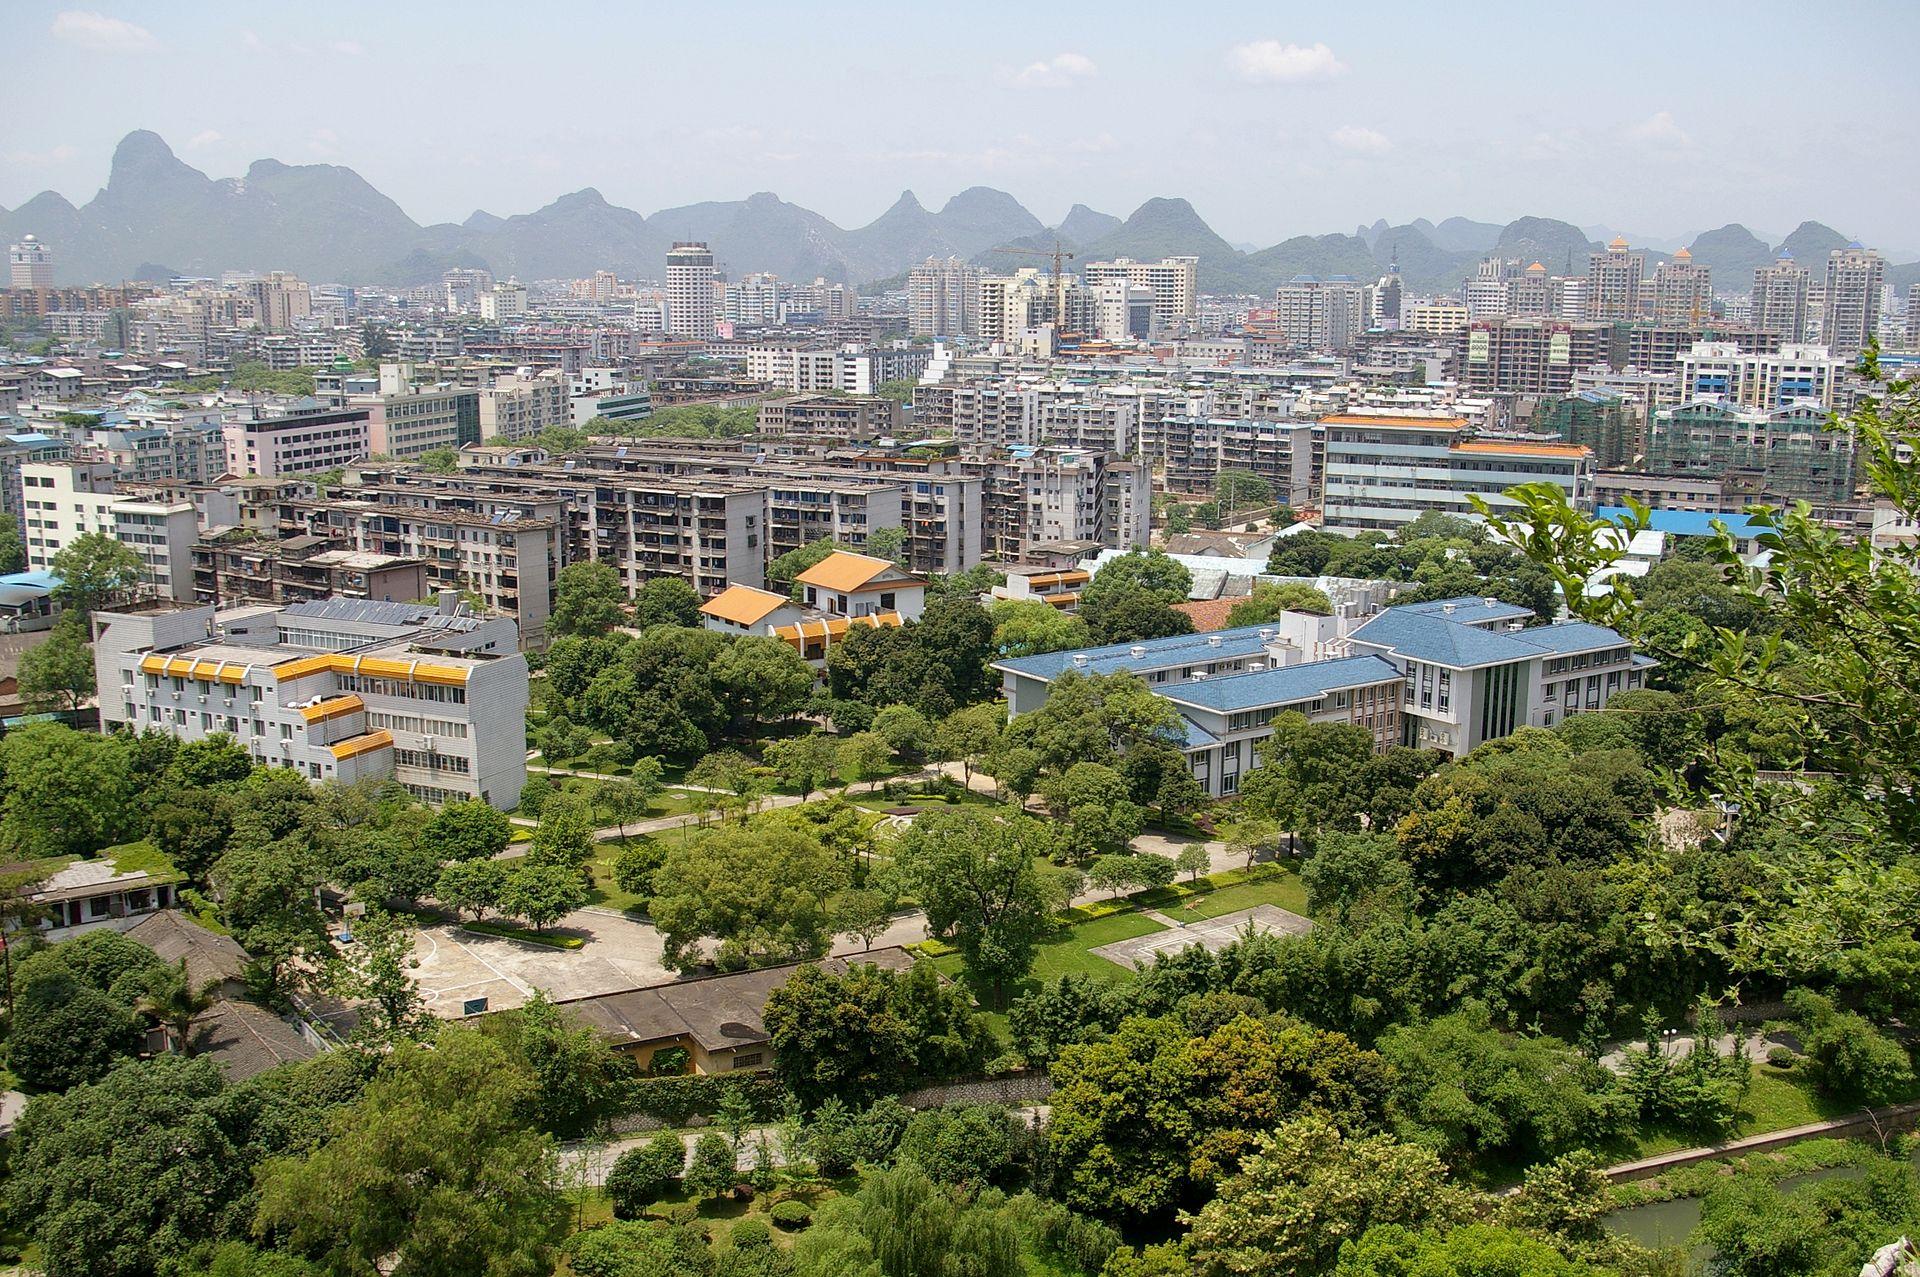 Guilin city center